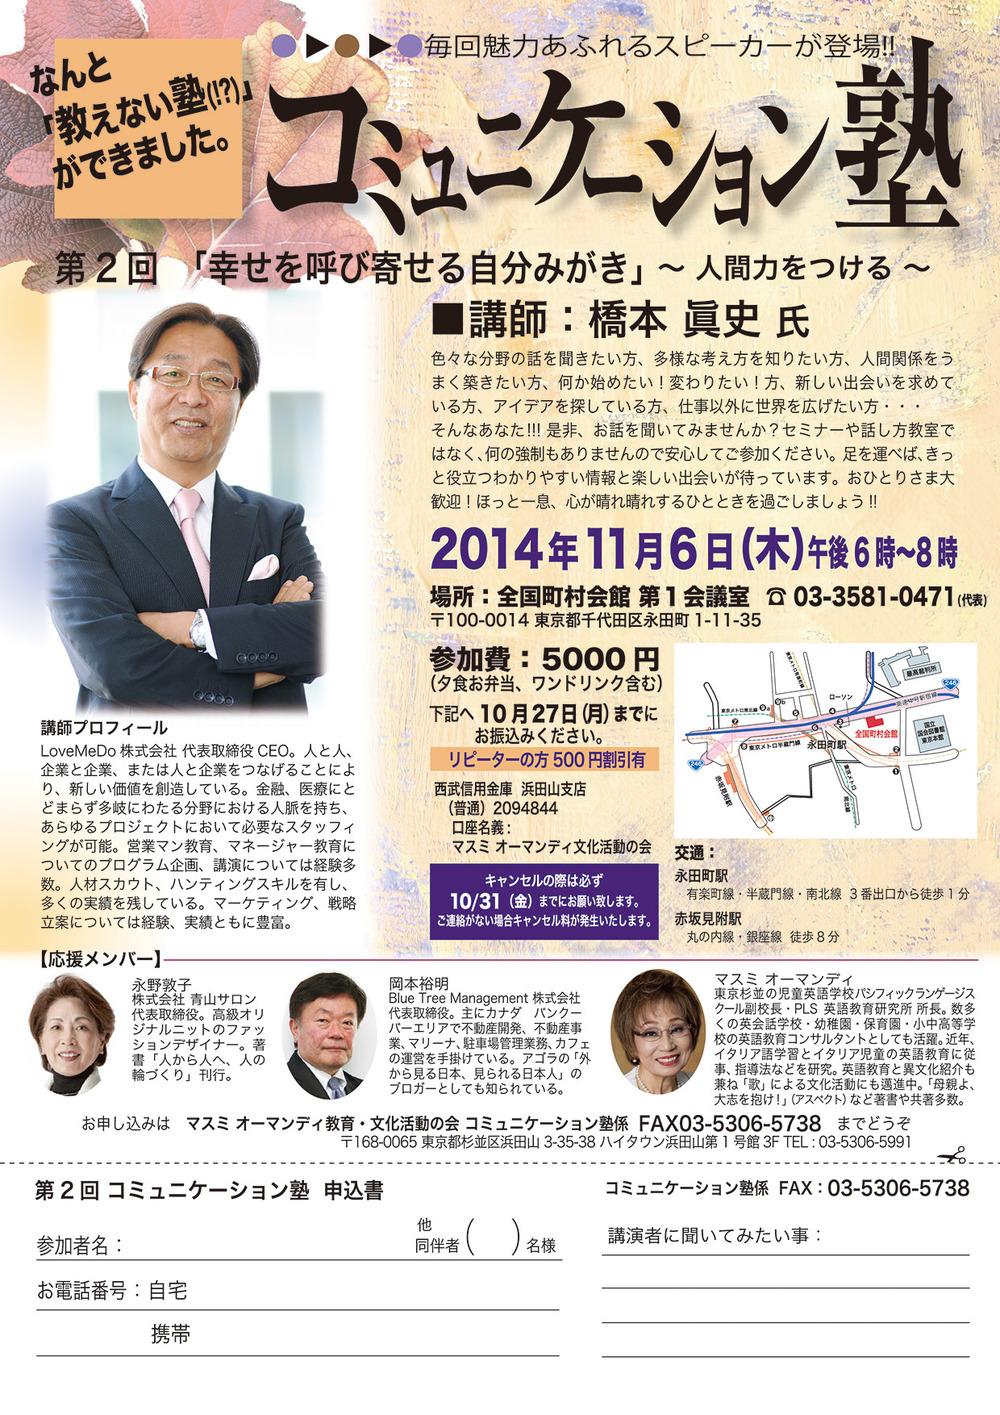 第2回 2014年11月6日 永田町 「幸せを呼び寄せる自分みがき」~人間力をつける~ 橋本眞史